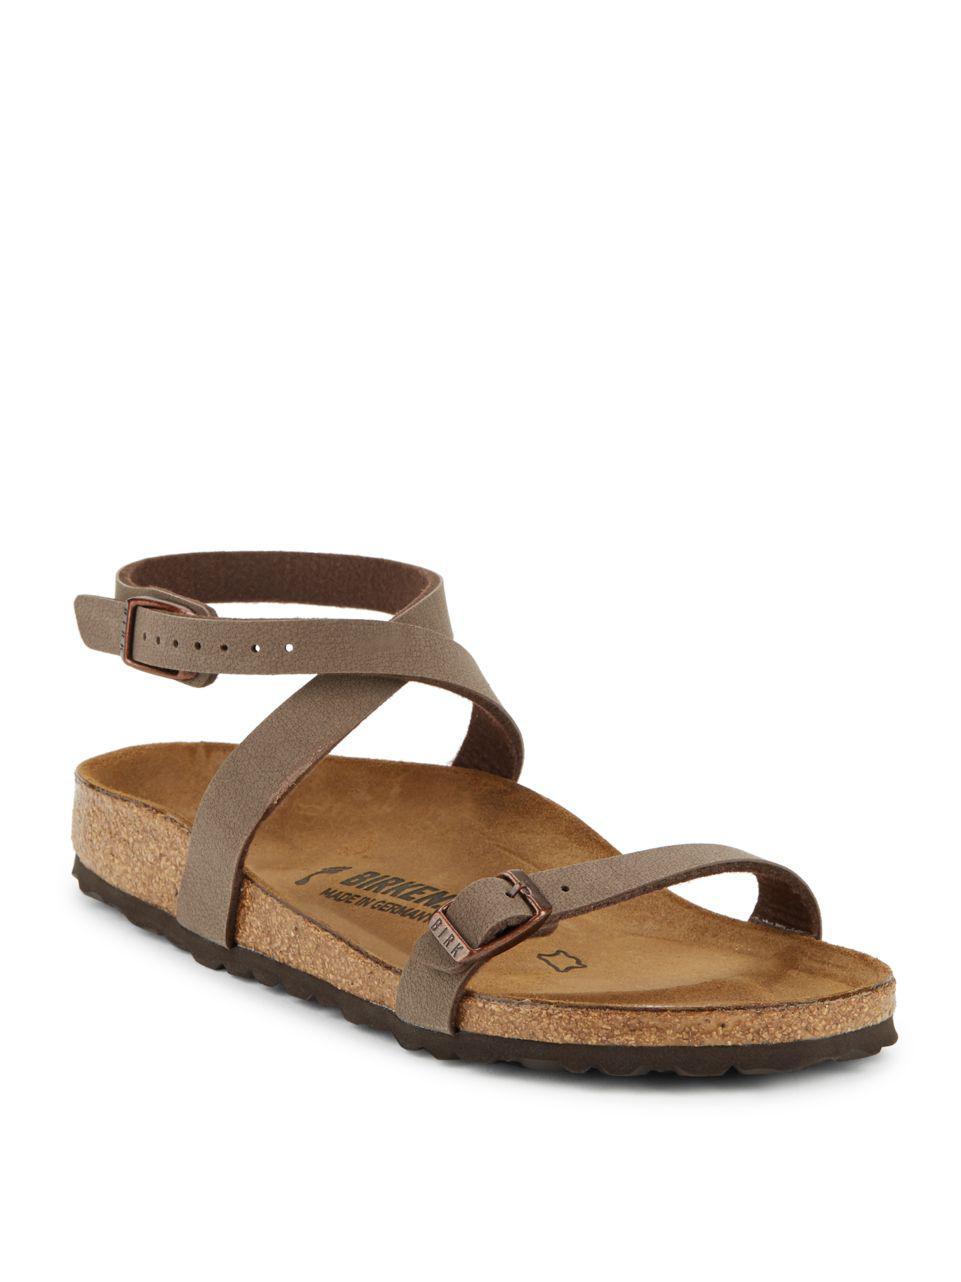 82fc08af72af Birkenstock Daloa Ankle Strap Flat Sandals in Brown - Lyst